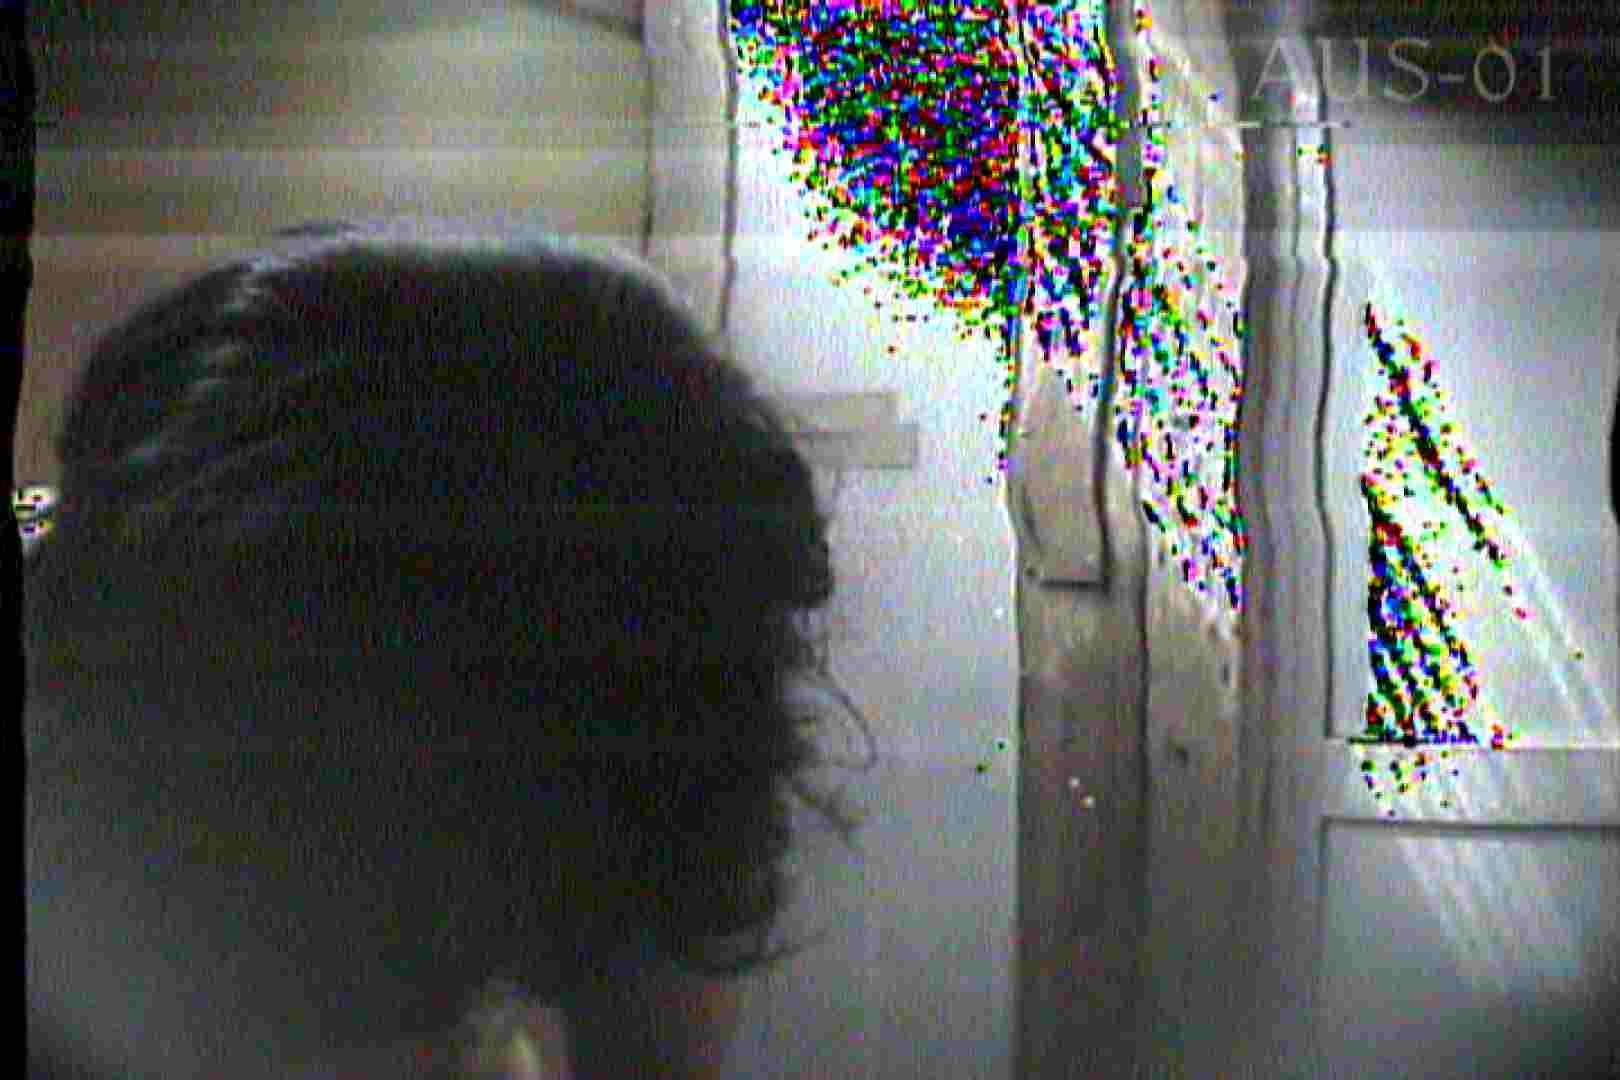 海の家の更衣室 Vol.03 シャワー  93枚 48